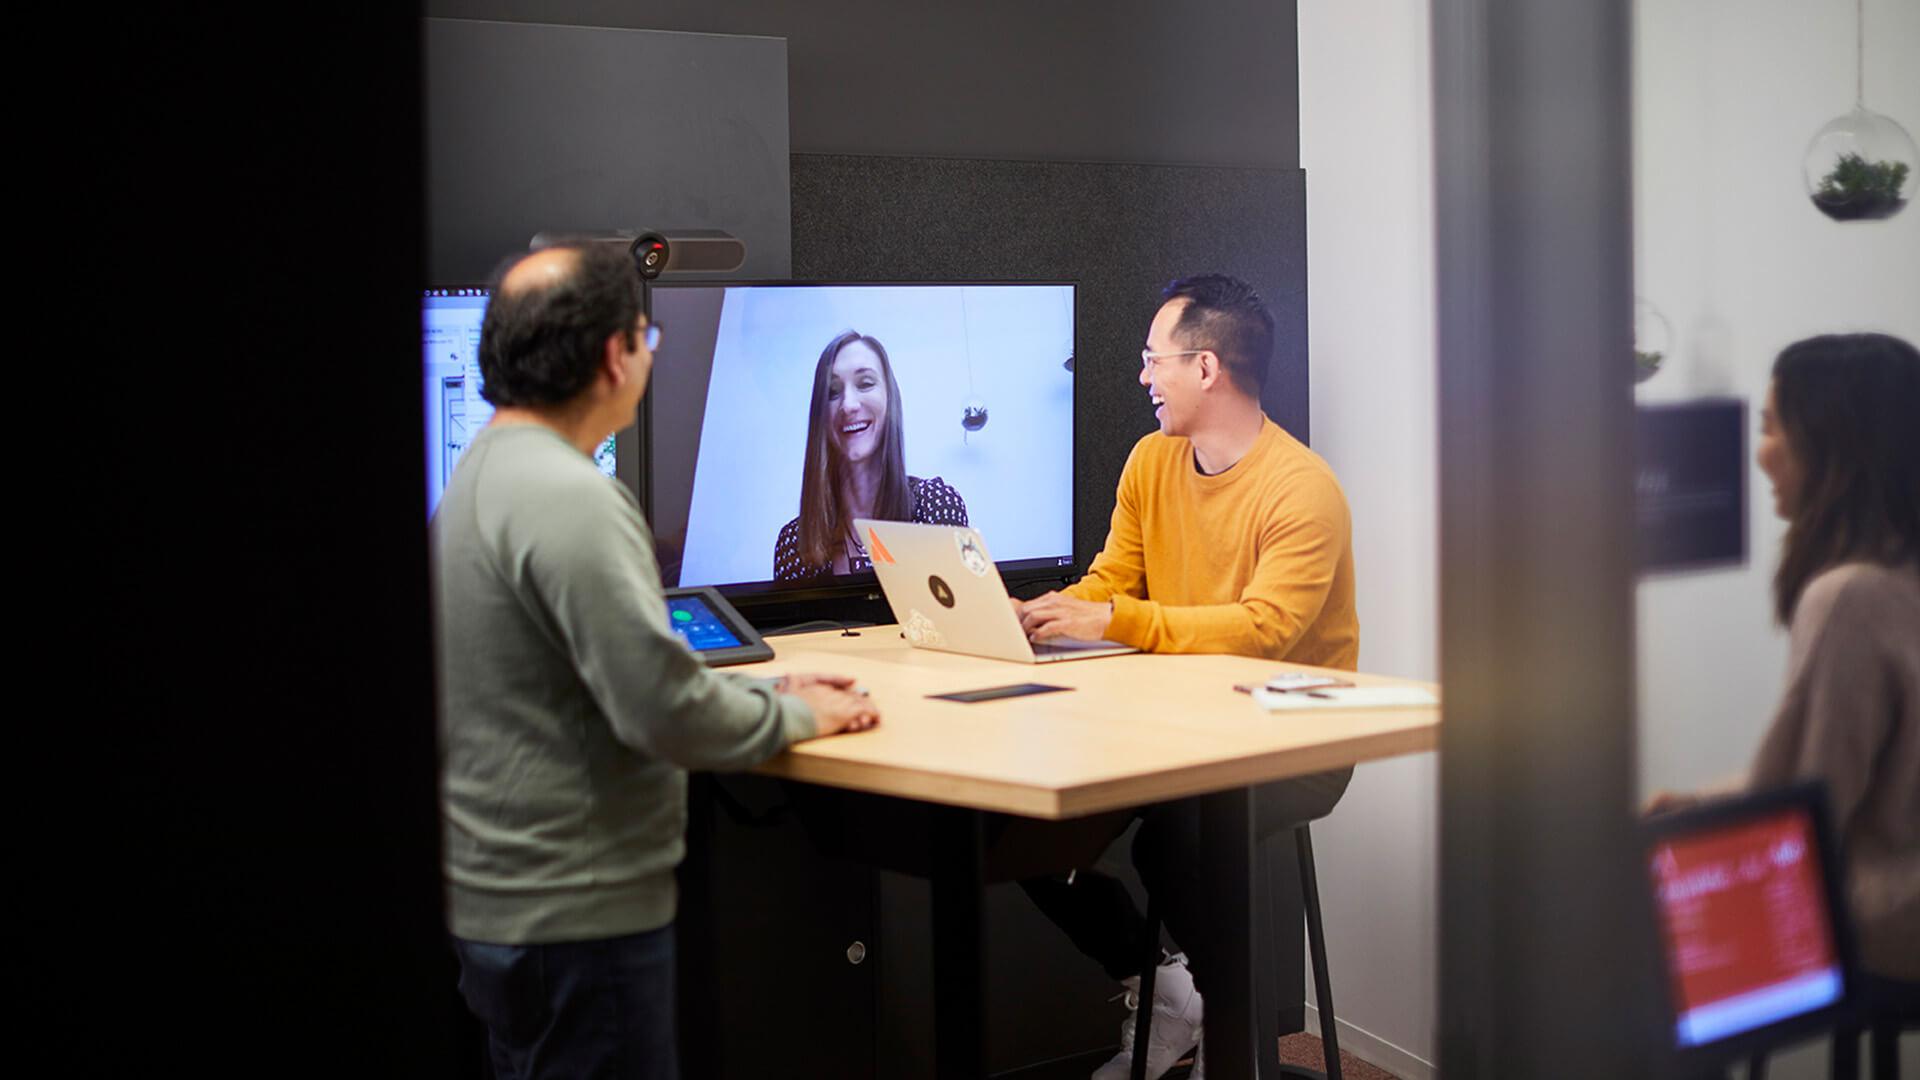 Membros da equipe em videoconferência